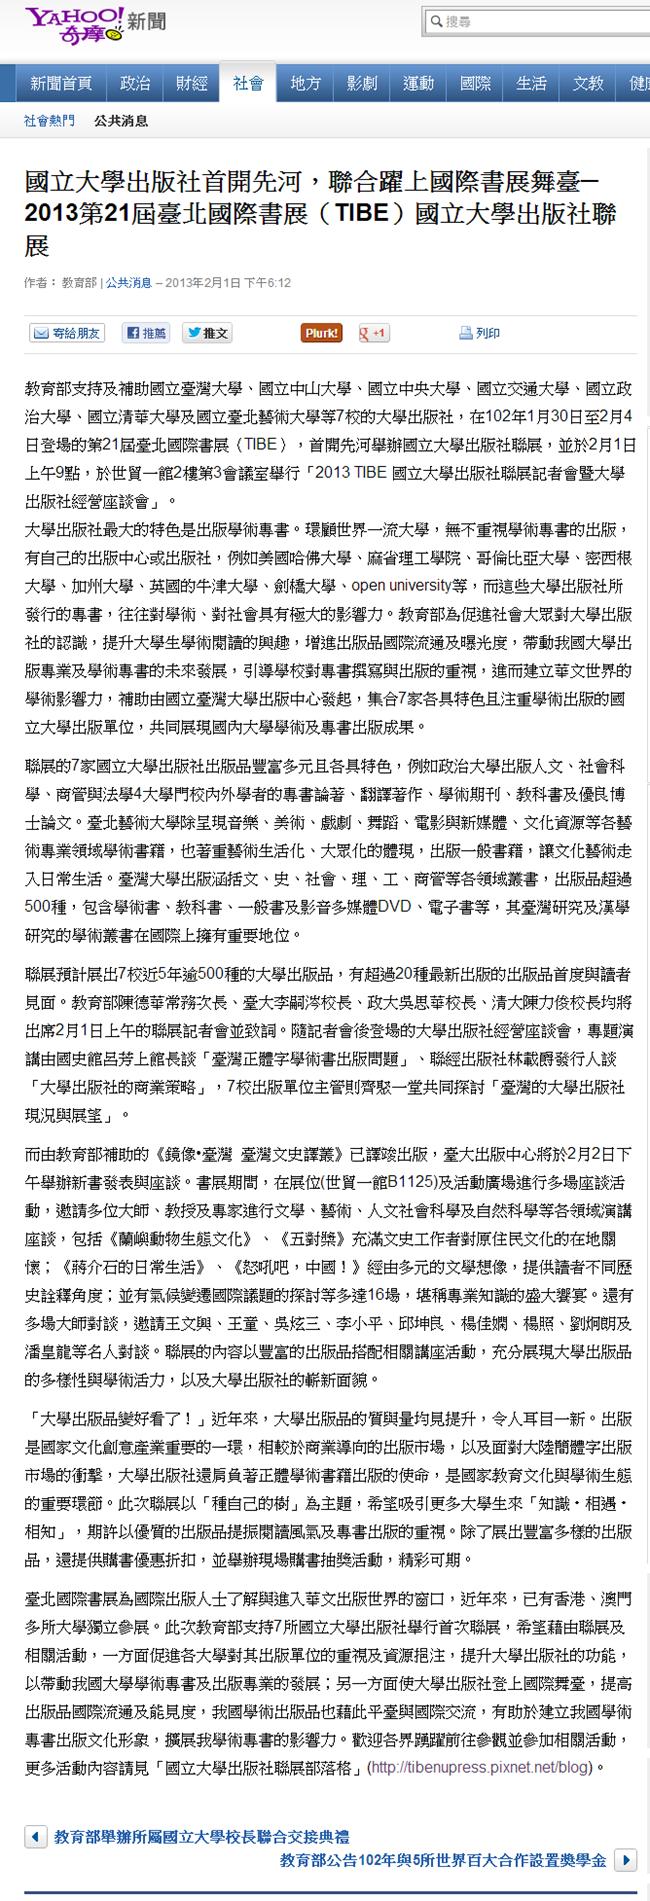 教育部(yahoo)-國立大學出版社首開先河,聯合躍上國際書展舞臺